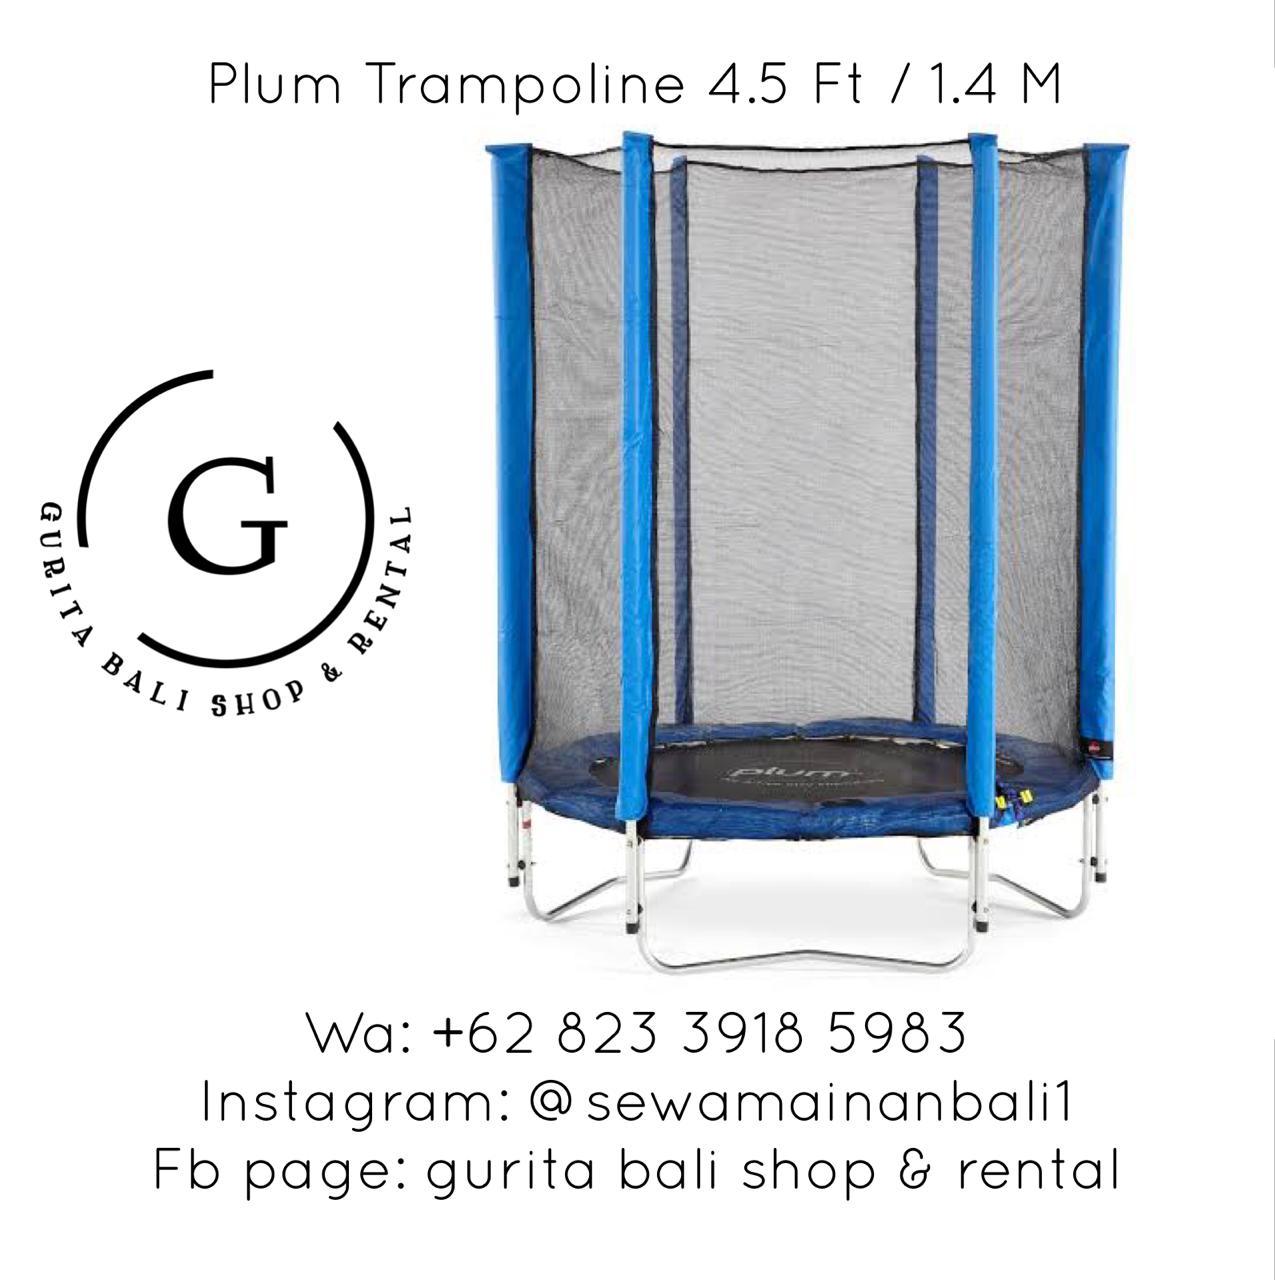 PLUM TRAMPOLINE 1